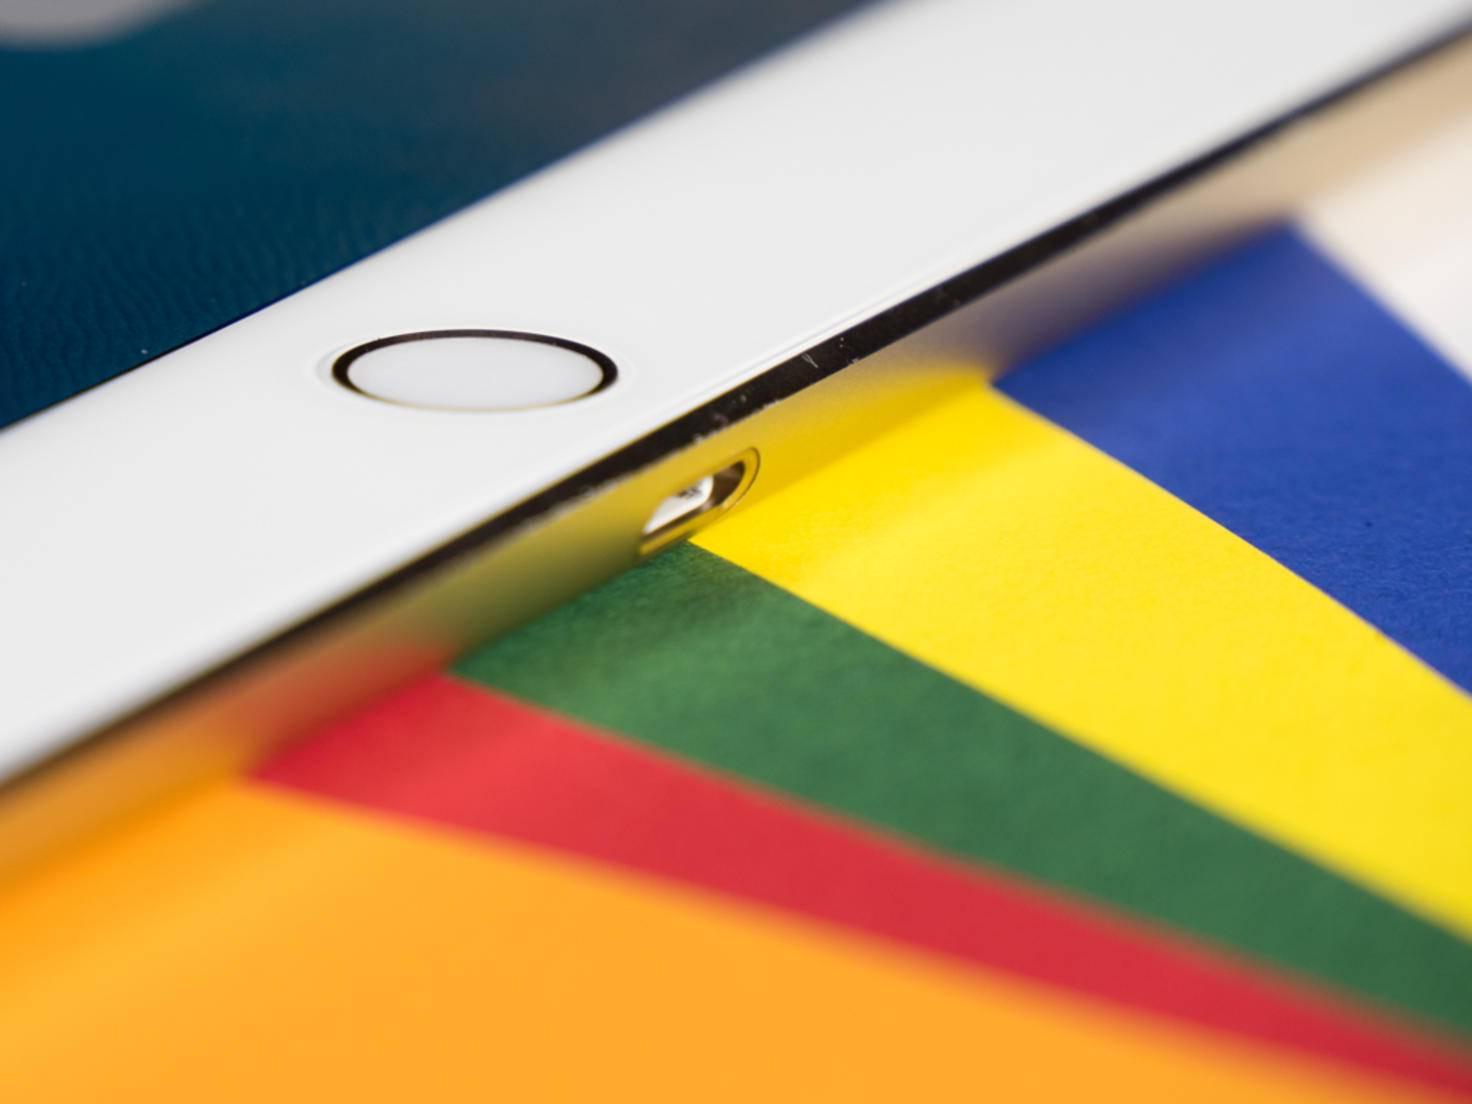 Fotos_iPadPro-12